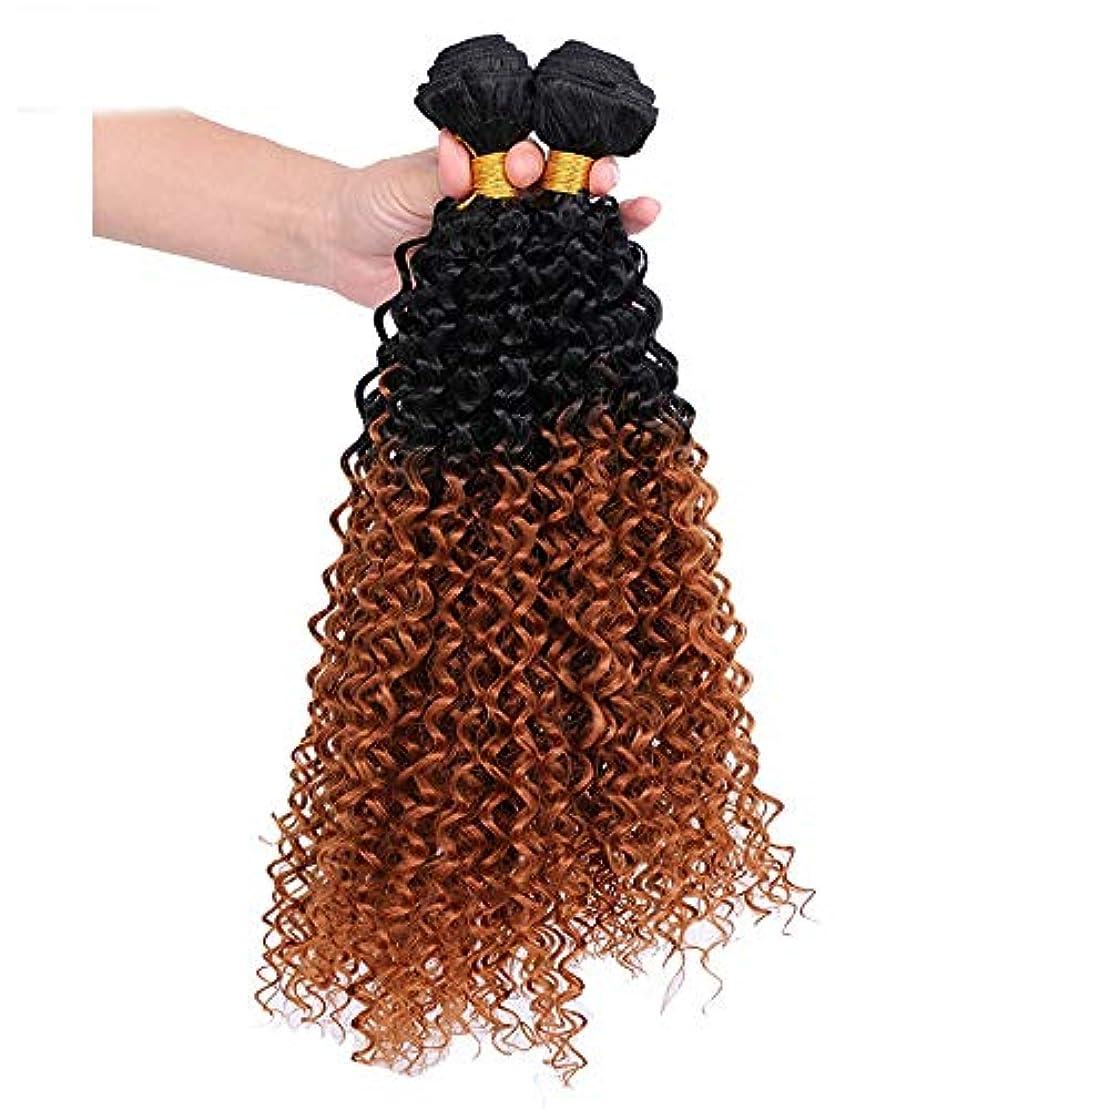 エジプト相対的機械HOHYLLYA 茶色のグラデーション巻き毛の女性のためのコスプレパーティードレス(3バンドル)合成髪レースかつらロールプレイングかつらロングとショートの女性自然 (色 : ブラウン, サイズ : 24inch)